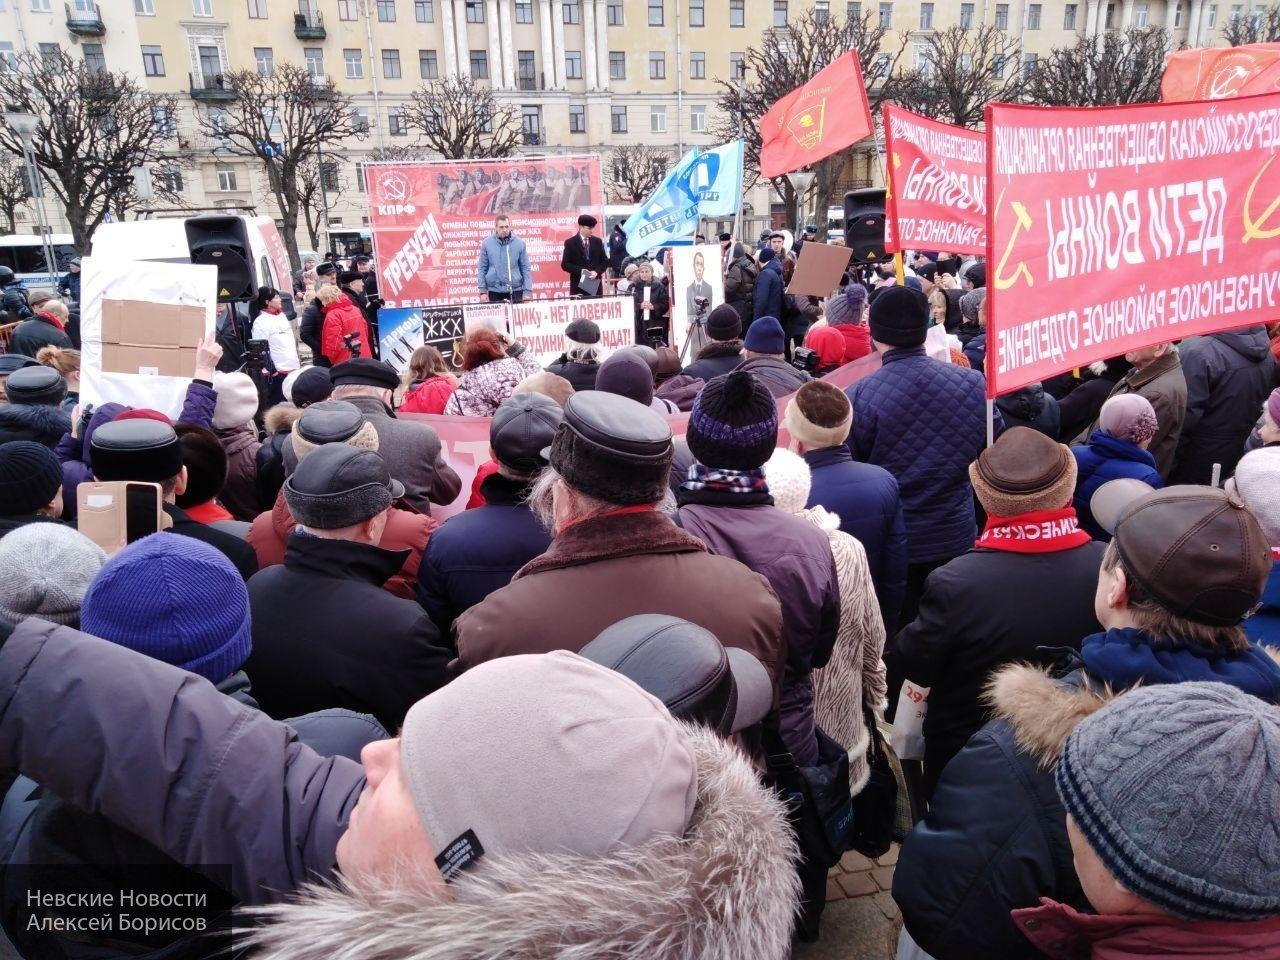 Сторонники КПРФ на митинге в Петербурге «перепутали» лозунги и заговорили о Грудинине